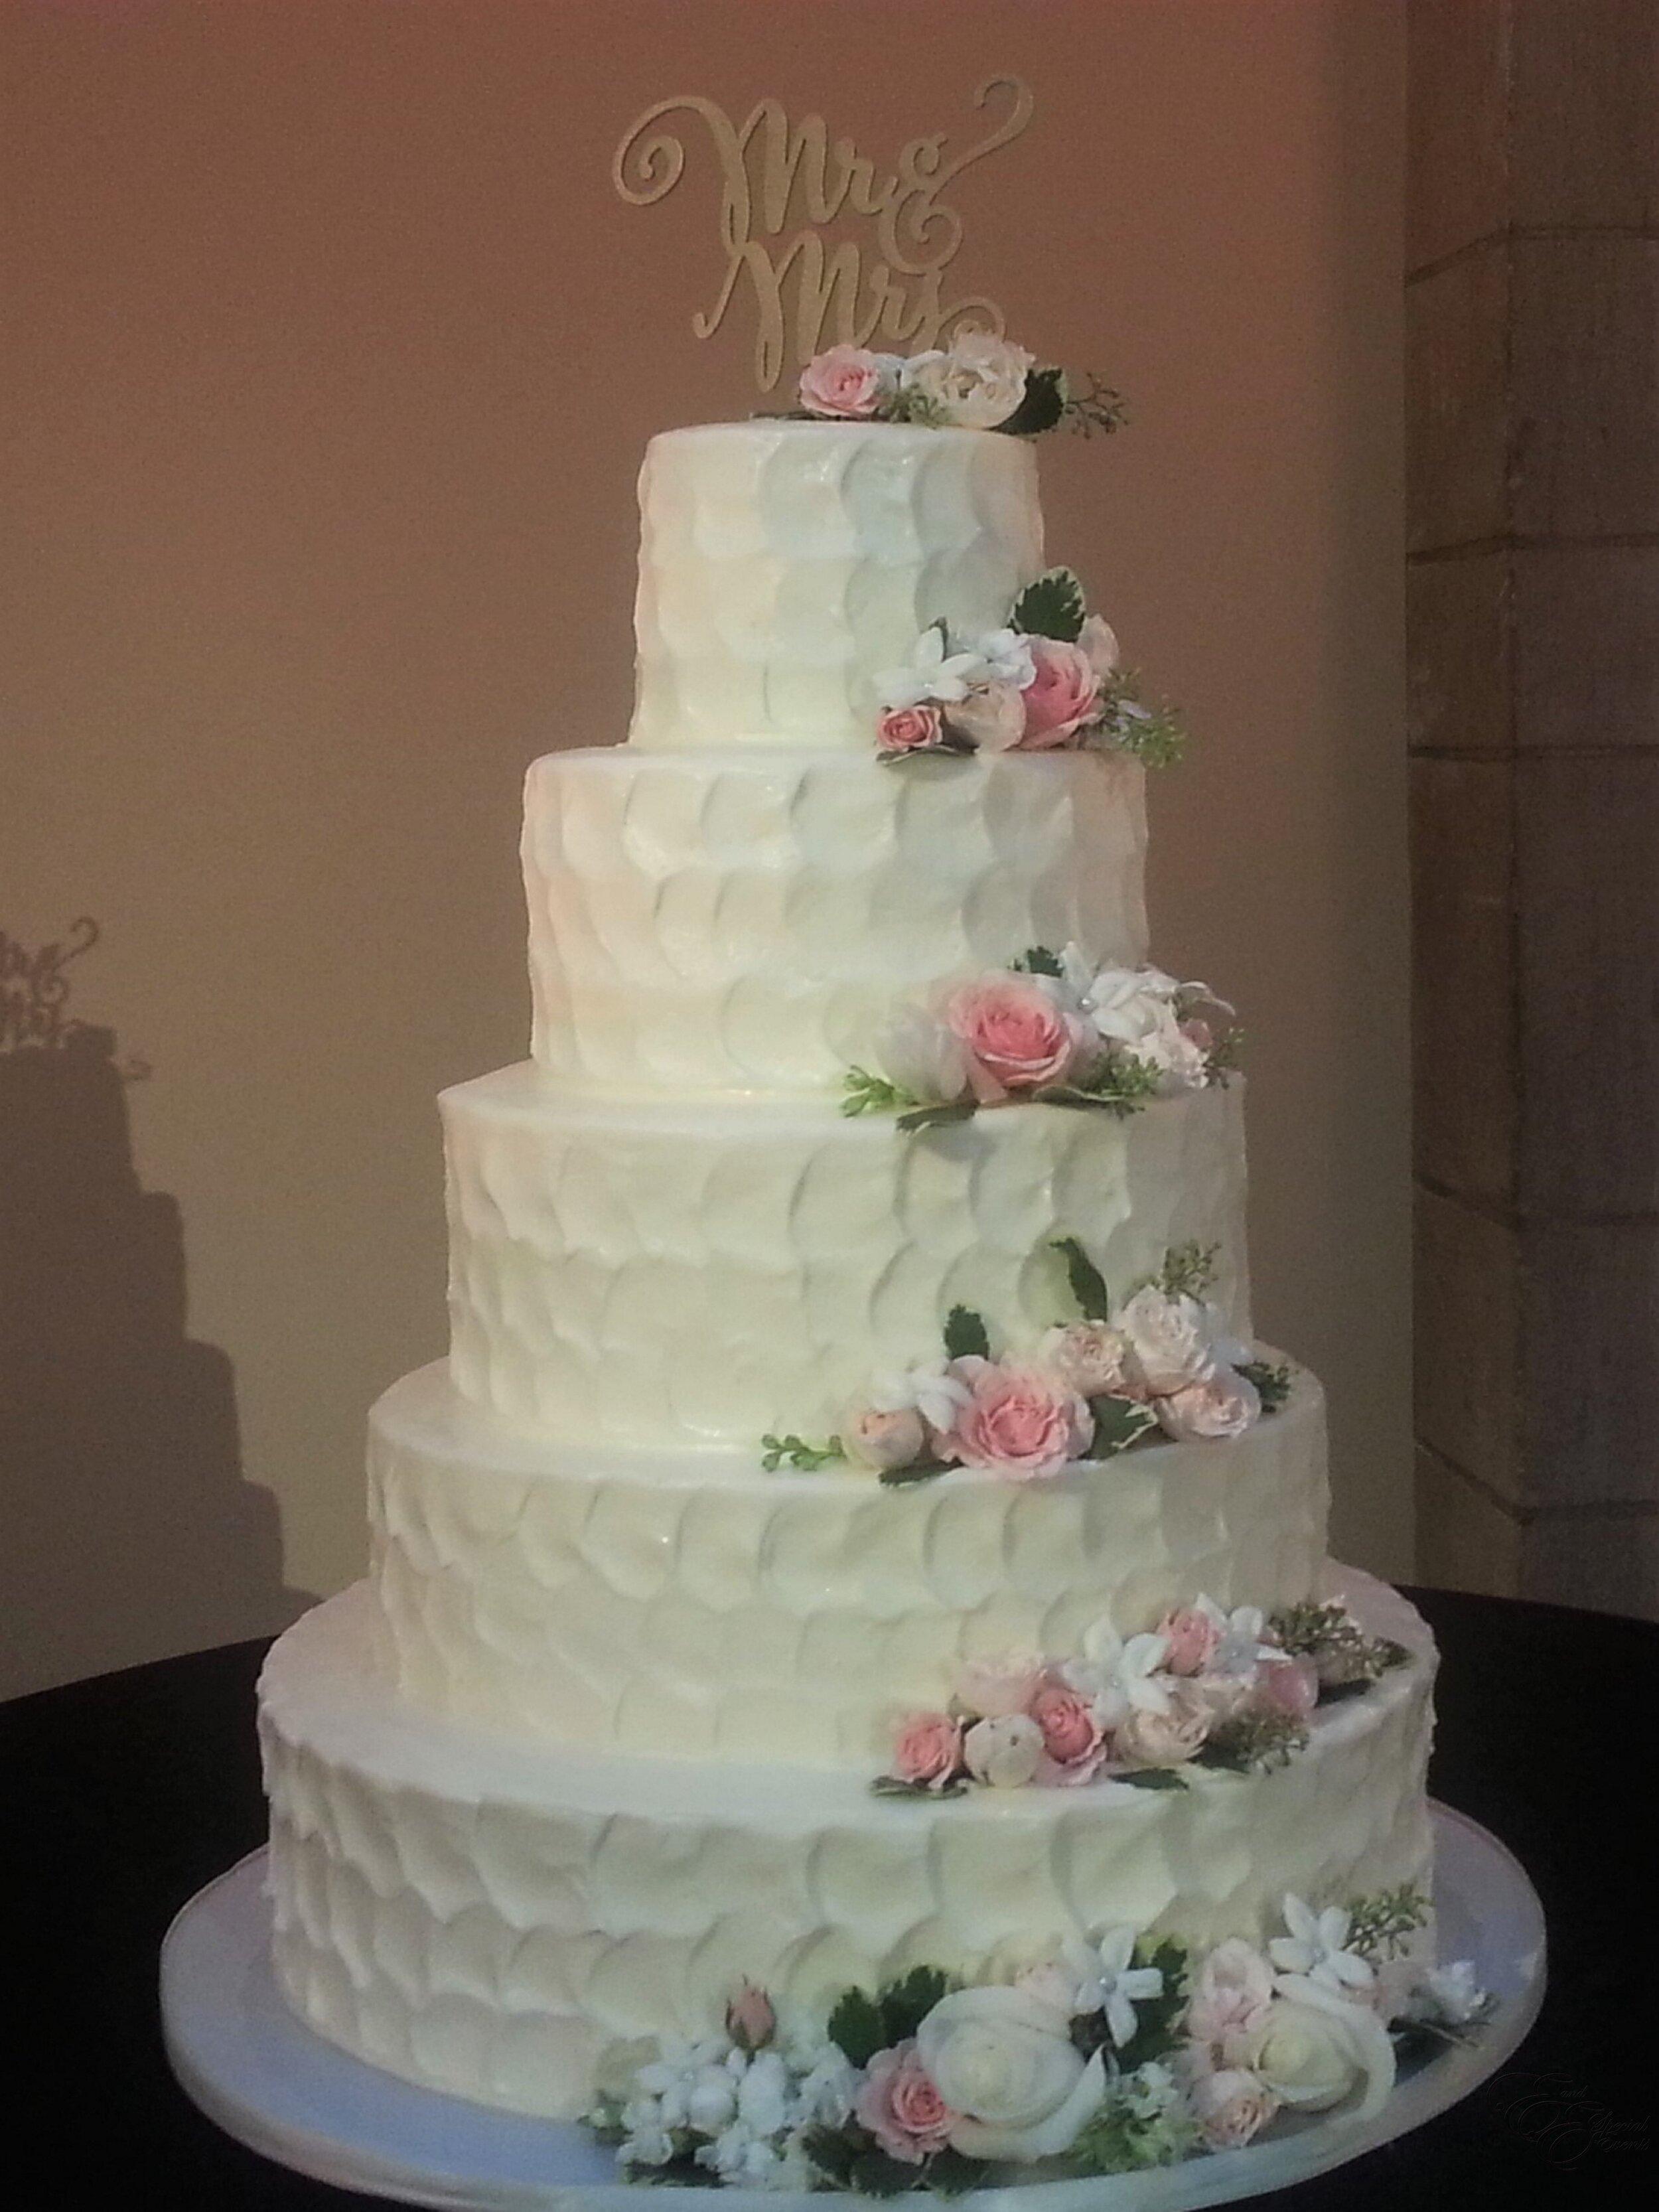 wedding_cakes_E_and_E_Special_Events_virginia_beach_24.jpg